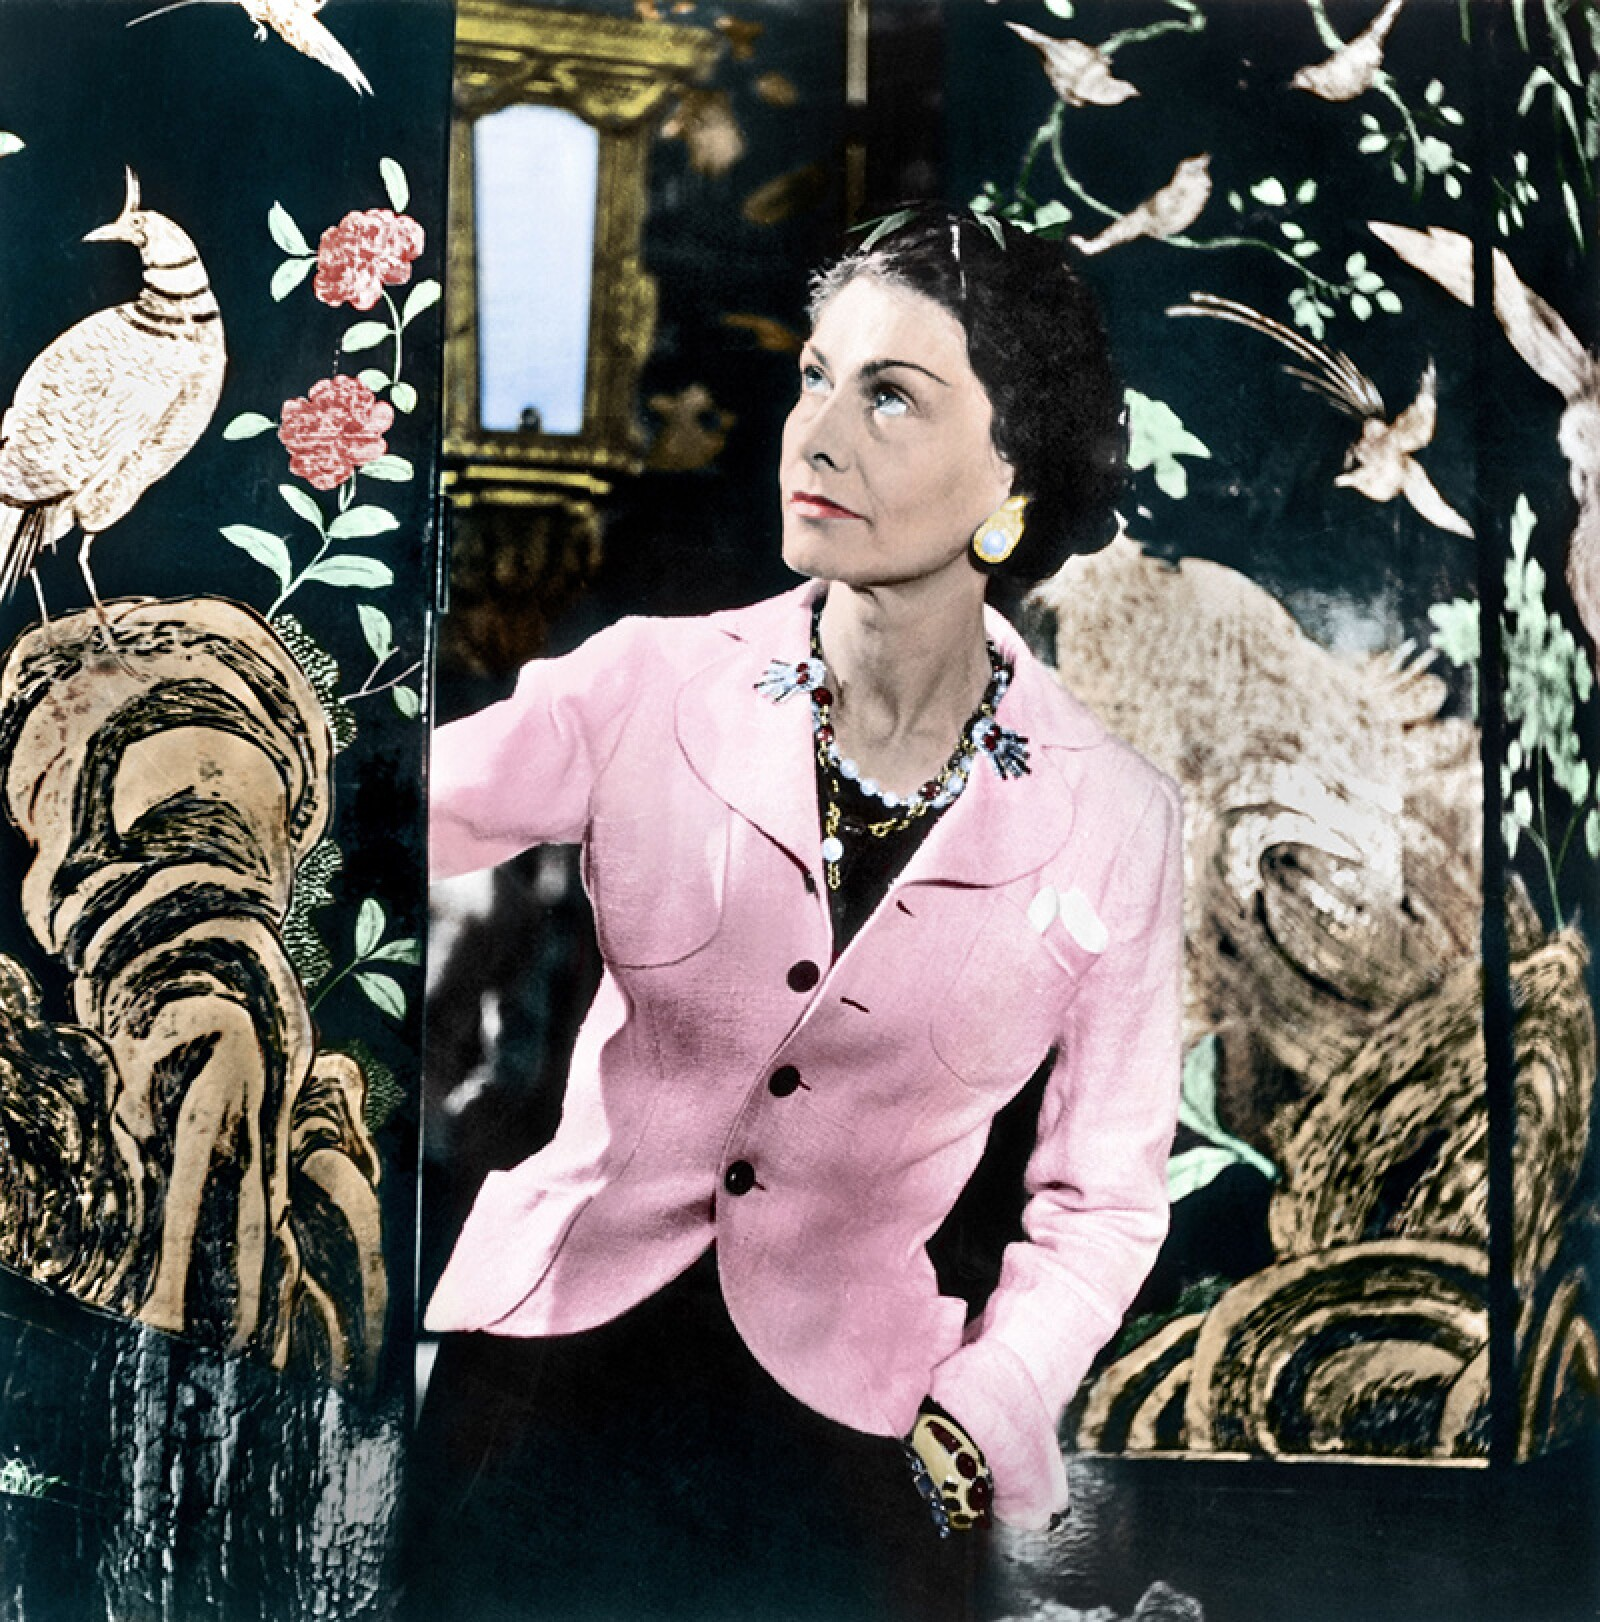 Gabrielle 'Coco' Chanel